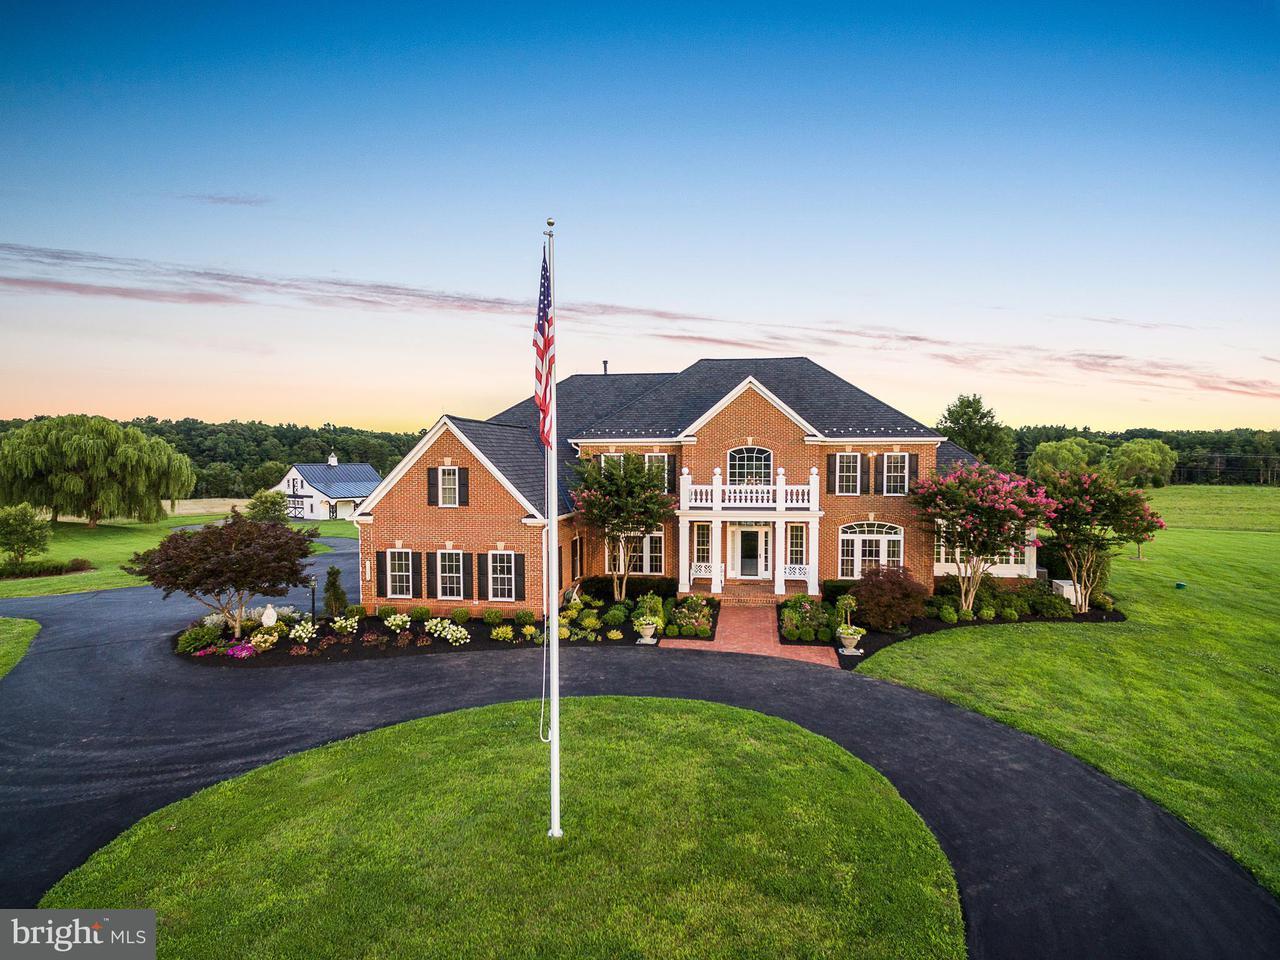 獨棟家庭住宅 為 出售 在 13269 CATHARPIN VALLEY Drive 13269 CATHARPIN VALLEY Drive Gainesville, 弗吉尼亞州 20155 美國